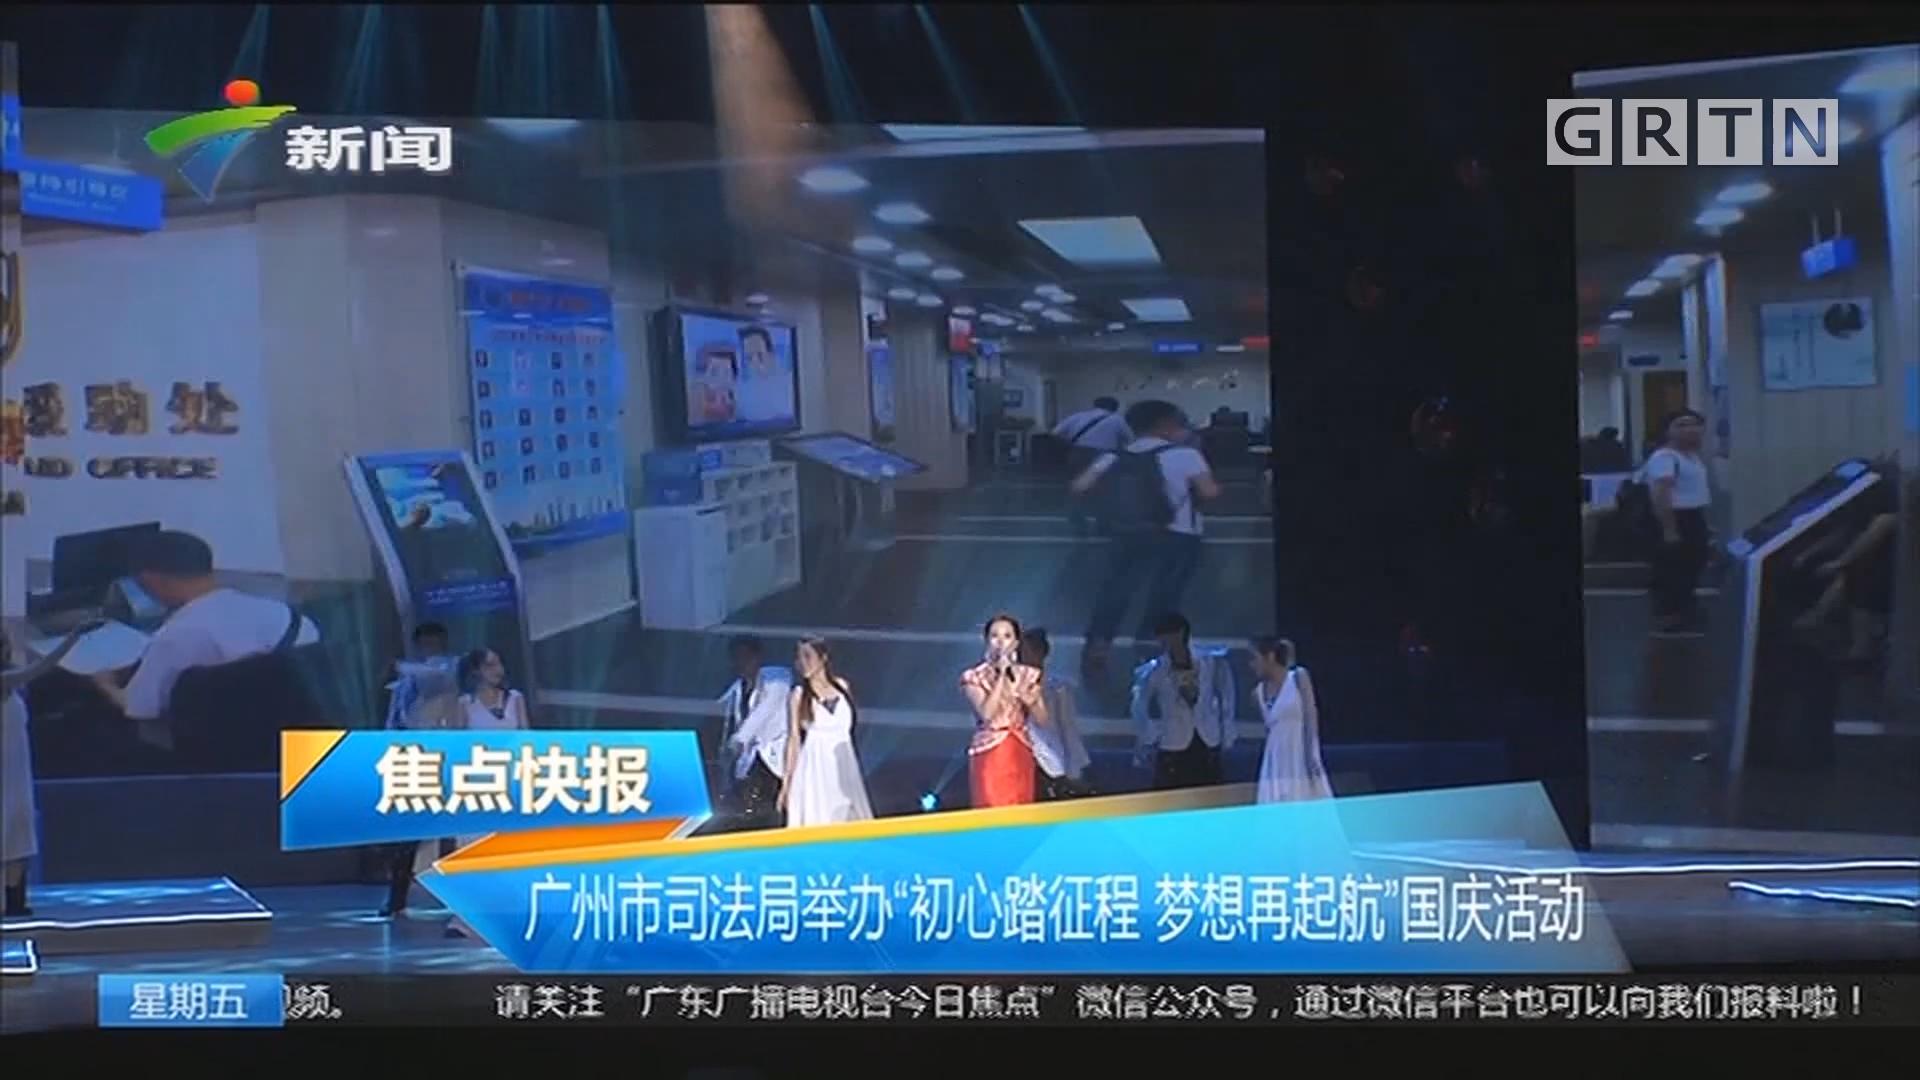 """广州市司法局举办""""初心踏征程 梦想再起航""""国庆活动"""